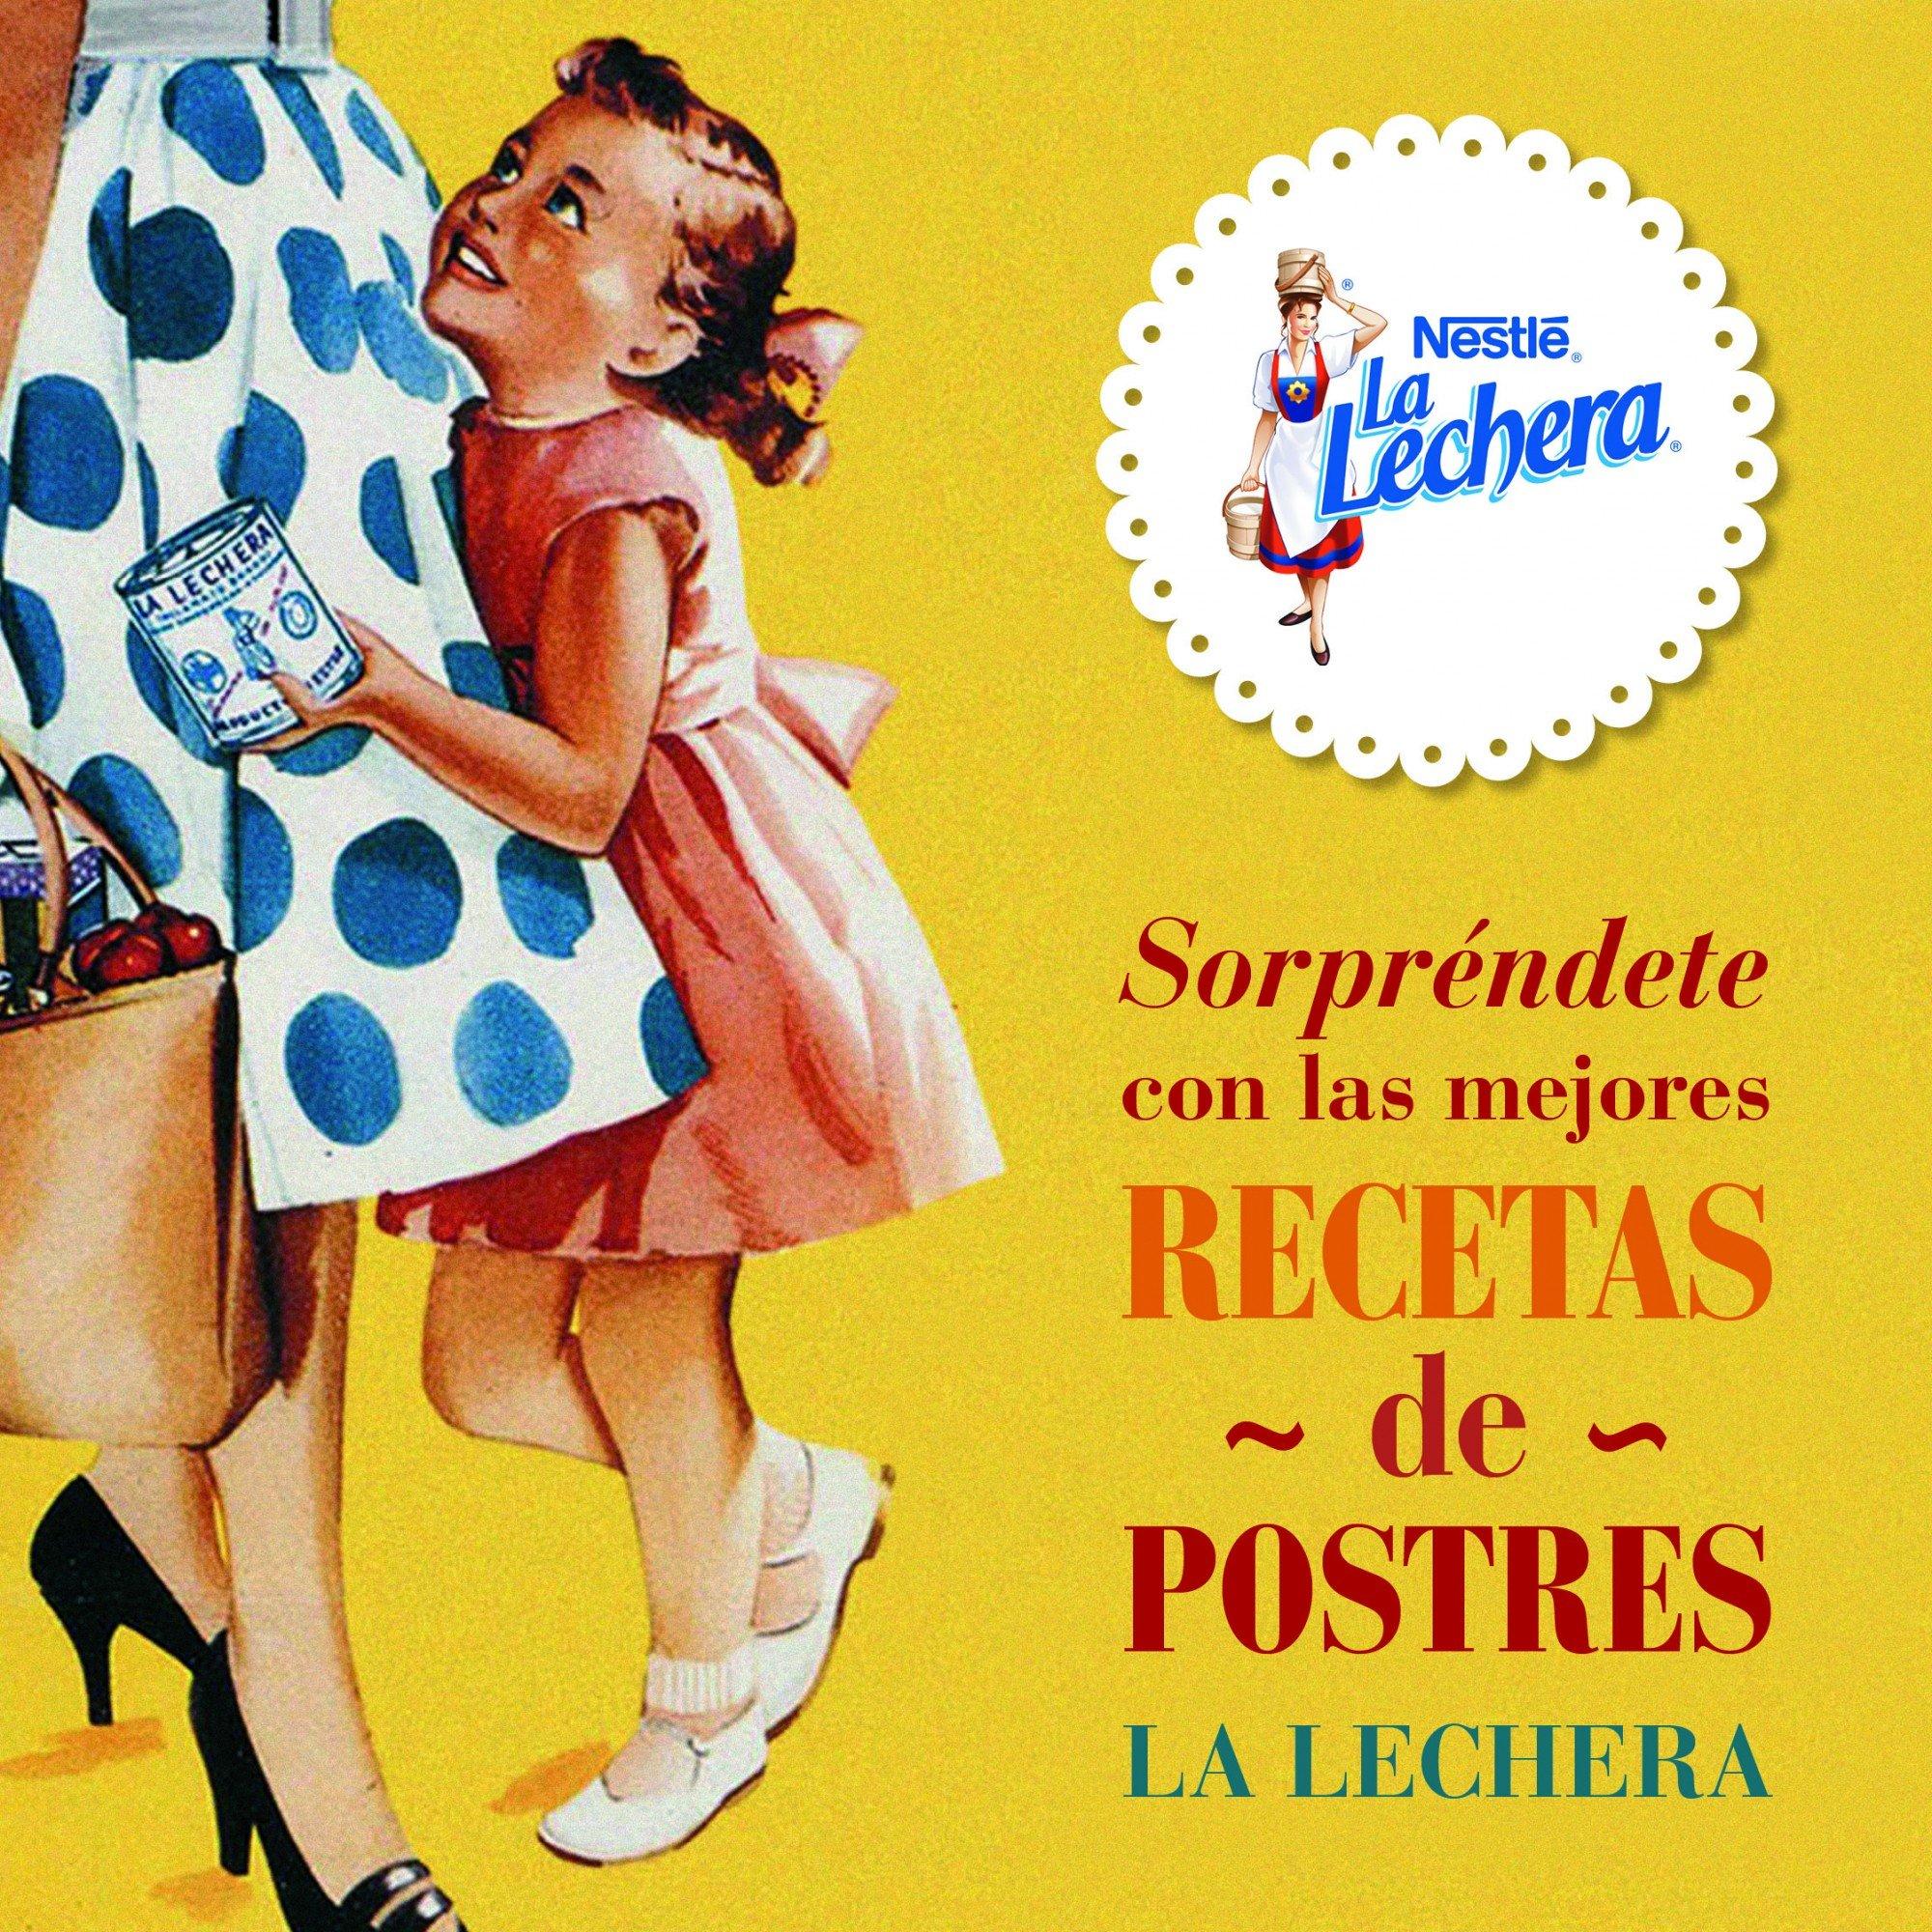 Sorpr ndete con las mejores recetas de postres LA LECHERA: Nestle ...